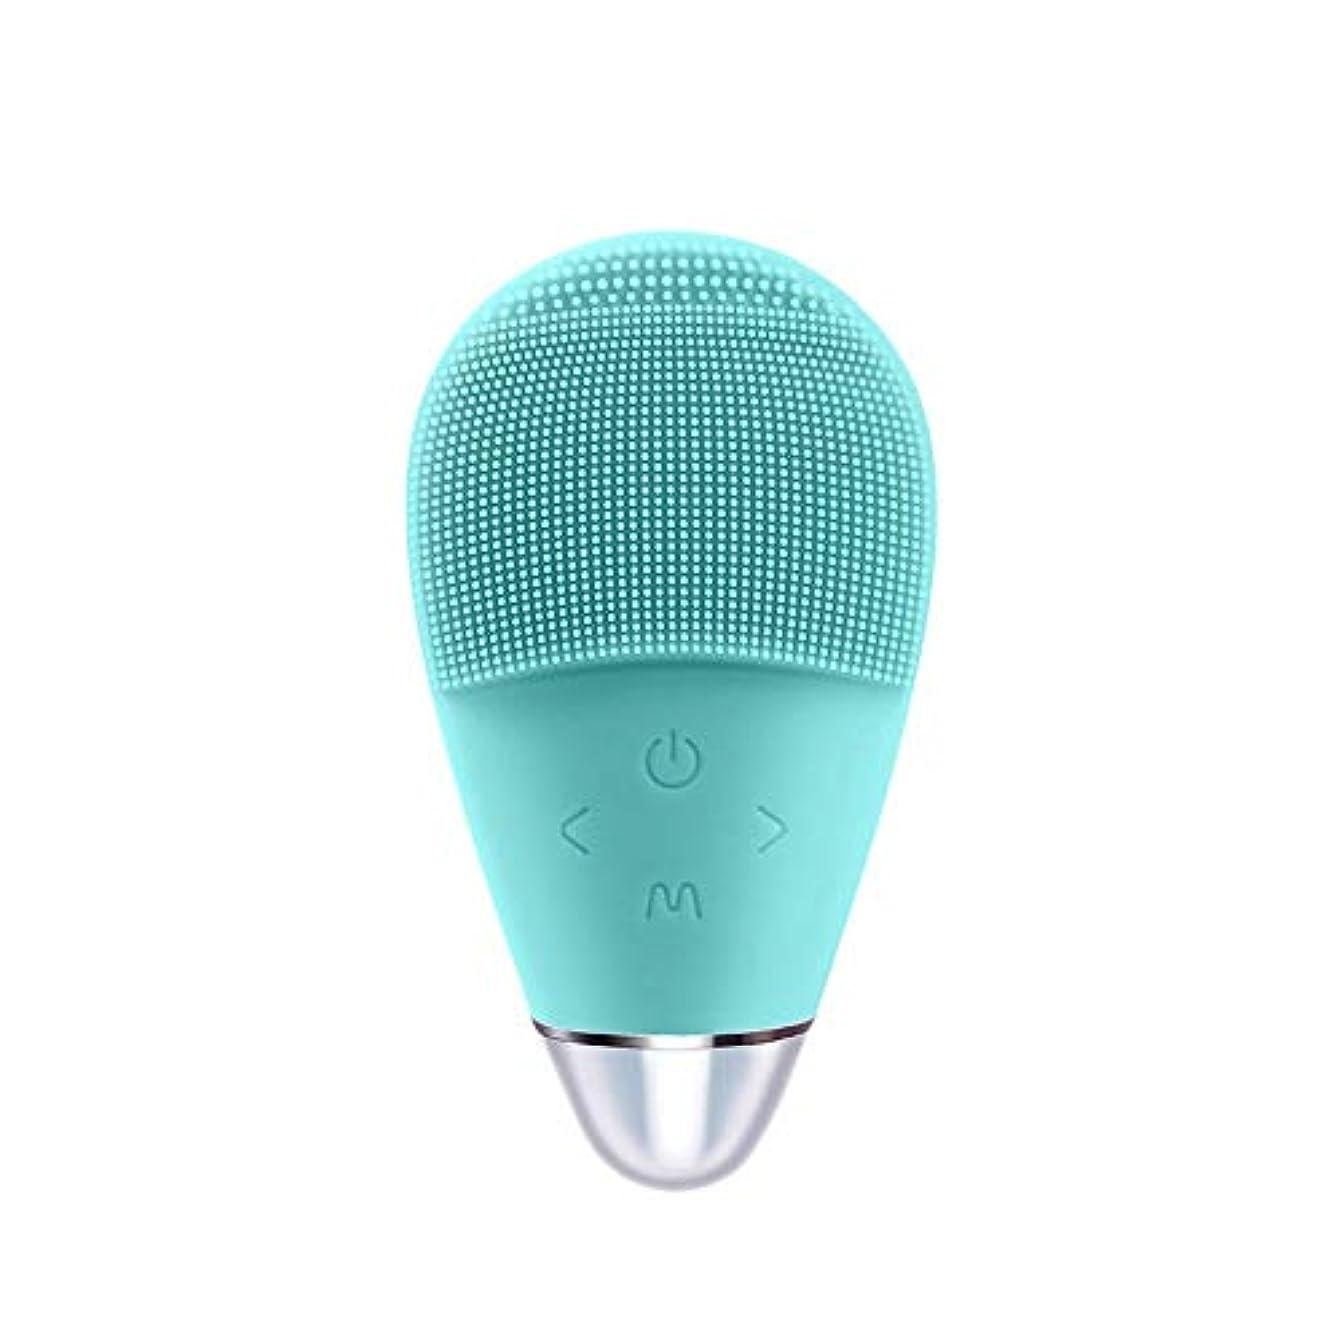 インデックスパイプライン想起シリコーン洗浄器具電気洗濯機超音波美容器具顔の毛穴クリーナー (Color : Blue)